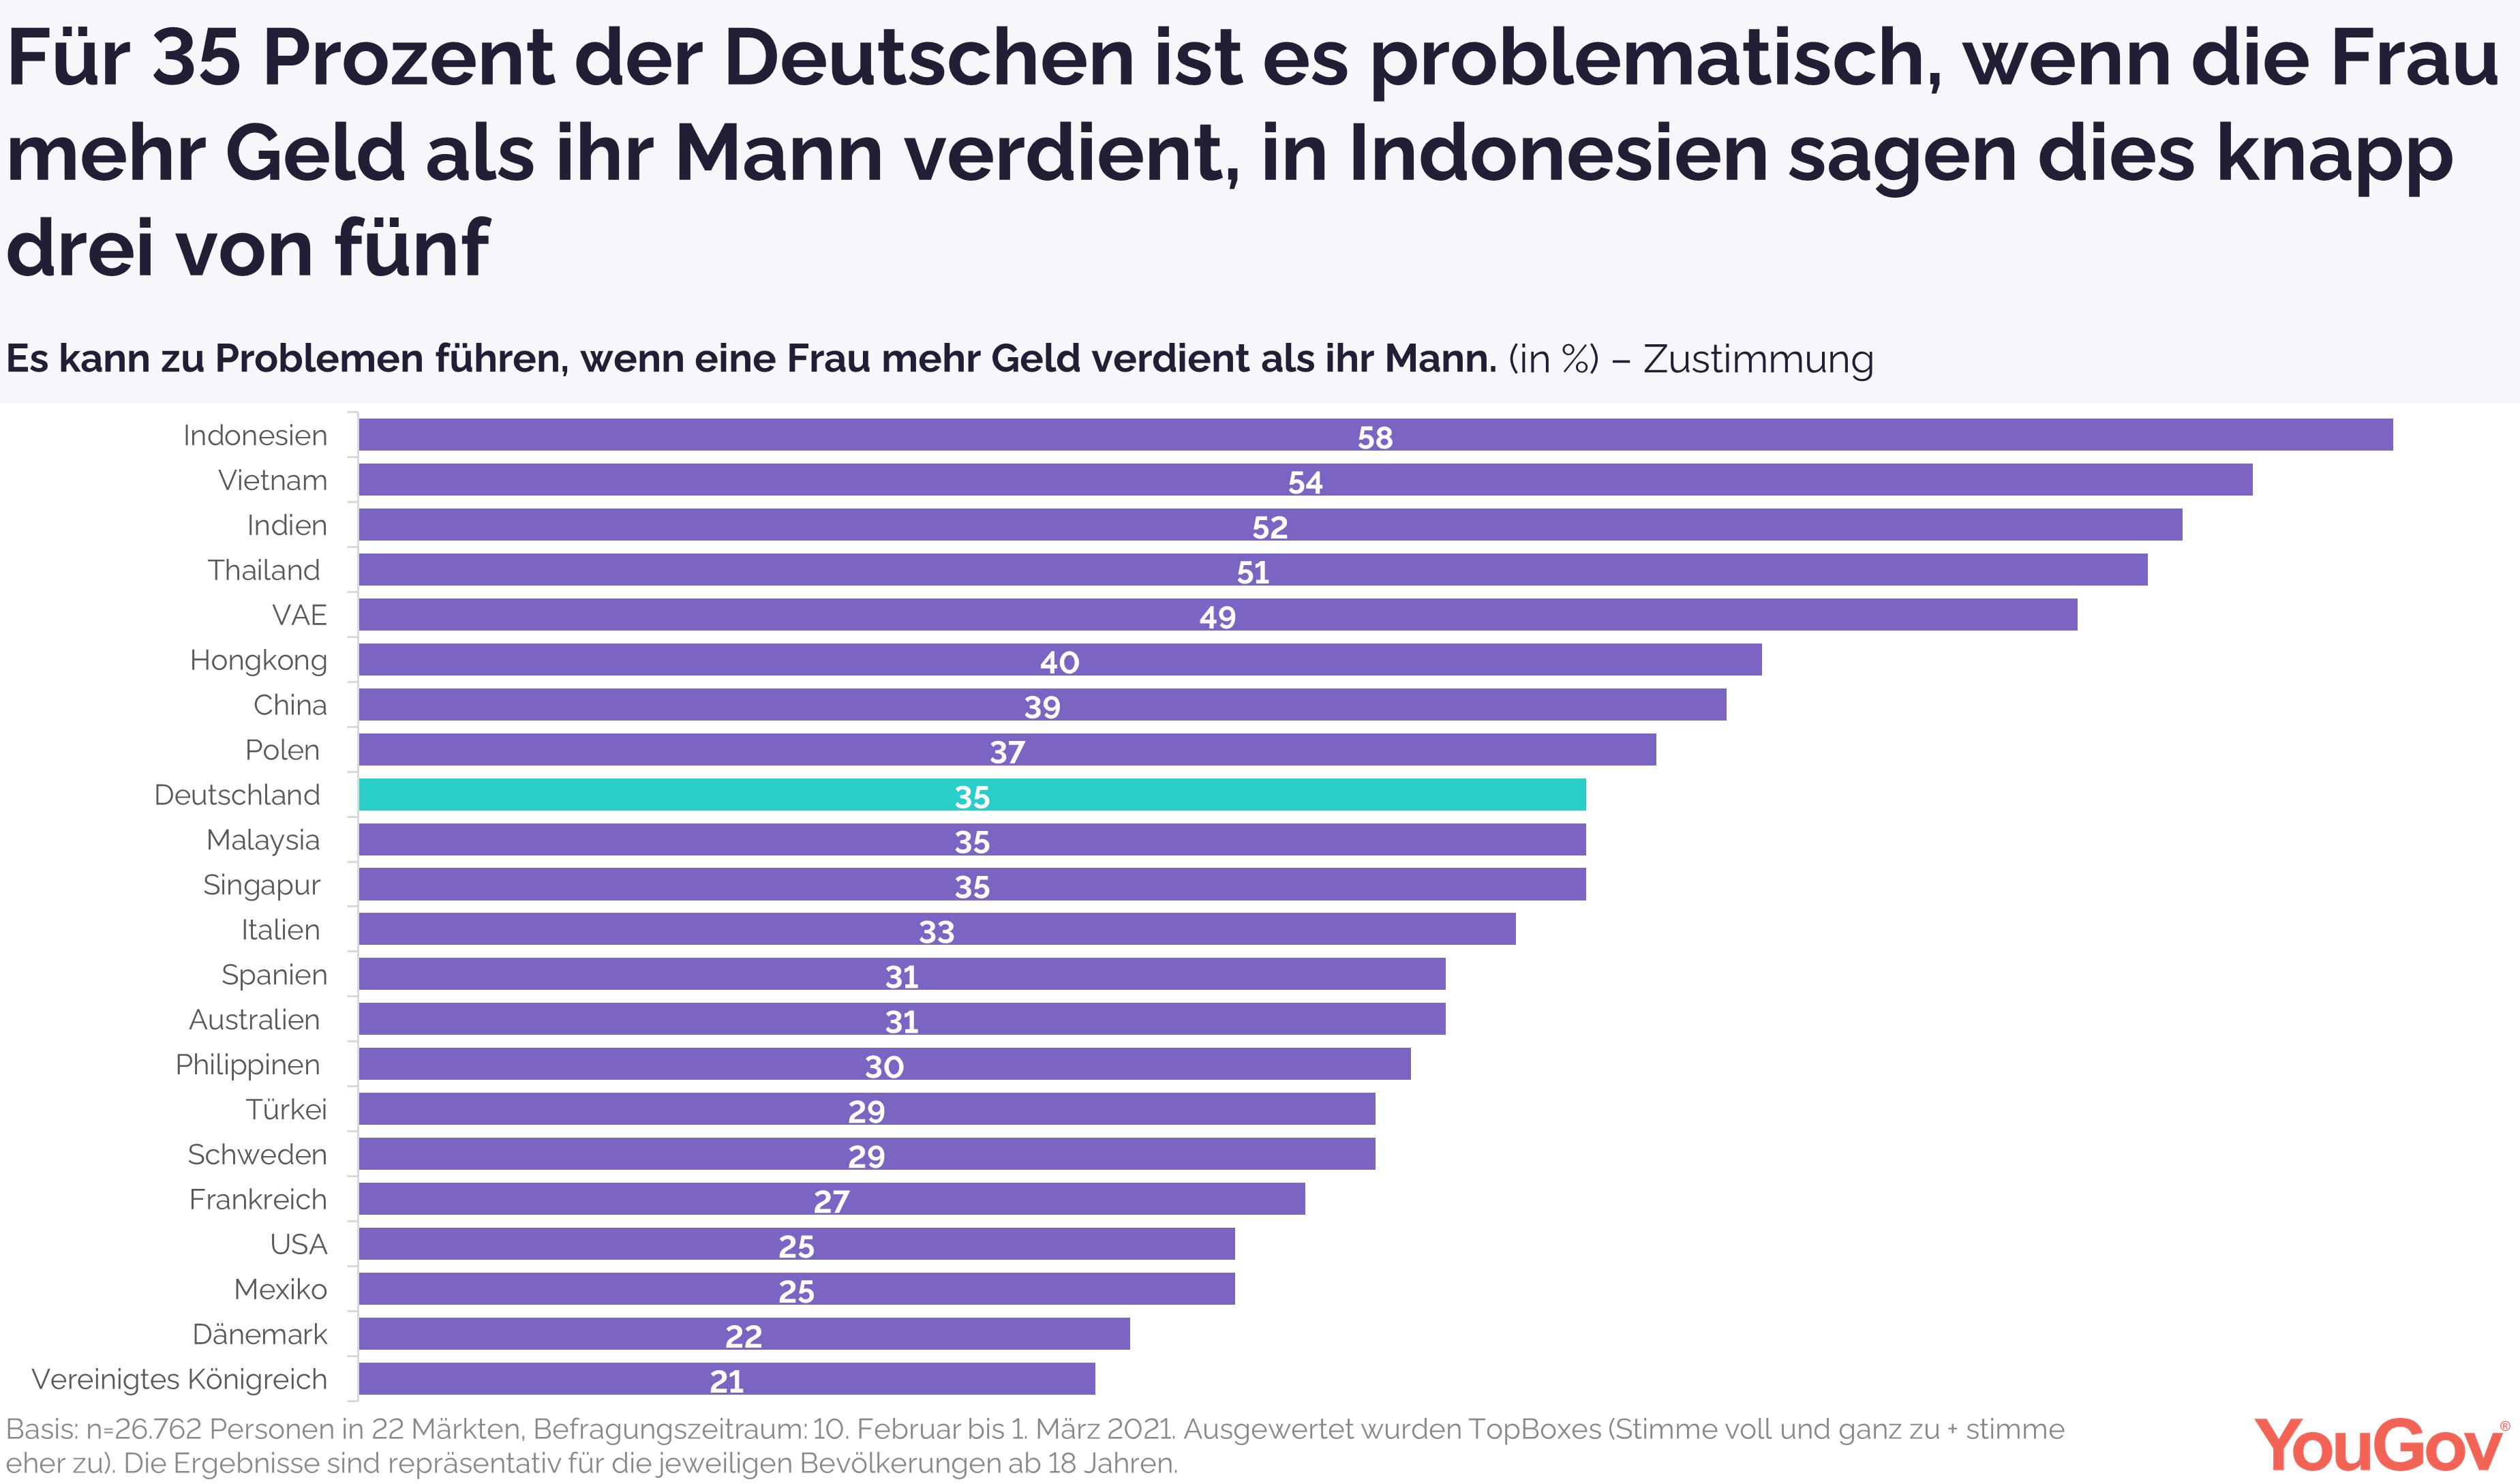 Für 35 Prozent der Deutschen ist es problematisch, wenn die Frau mehr als ihr Mann verdient.